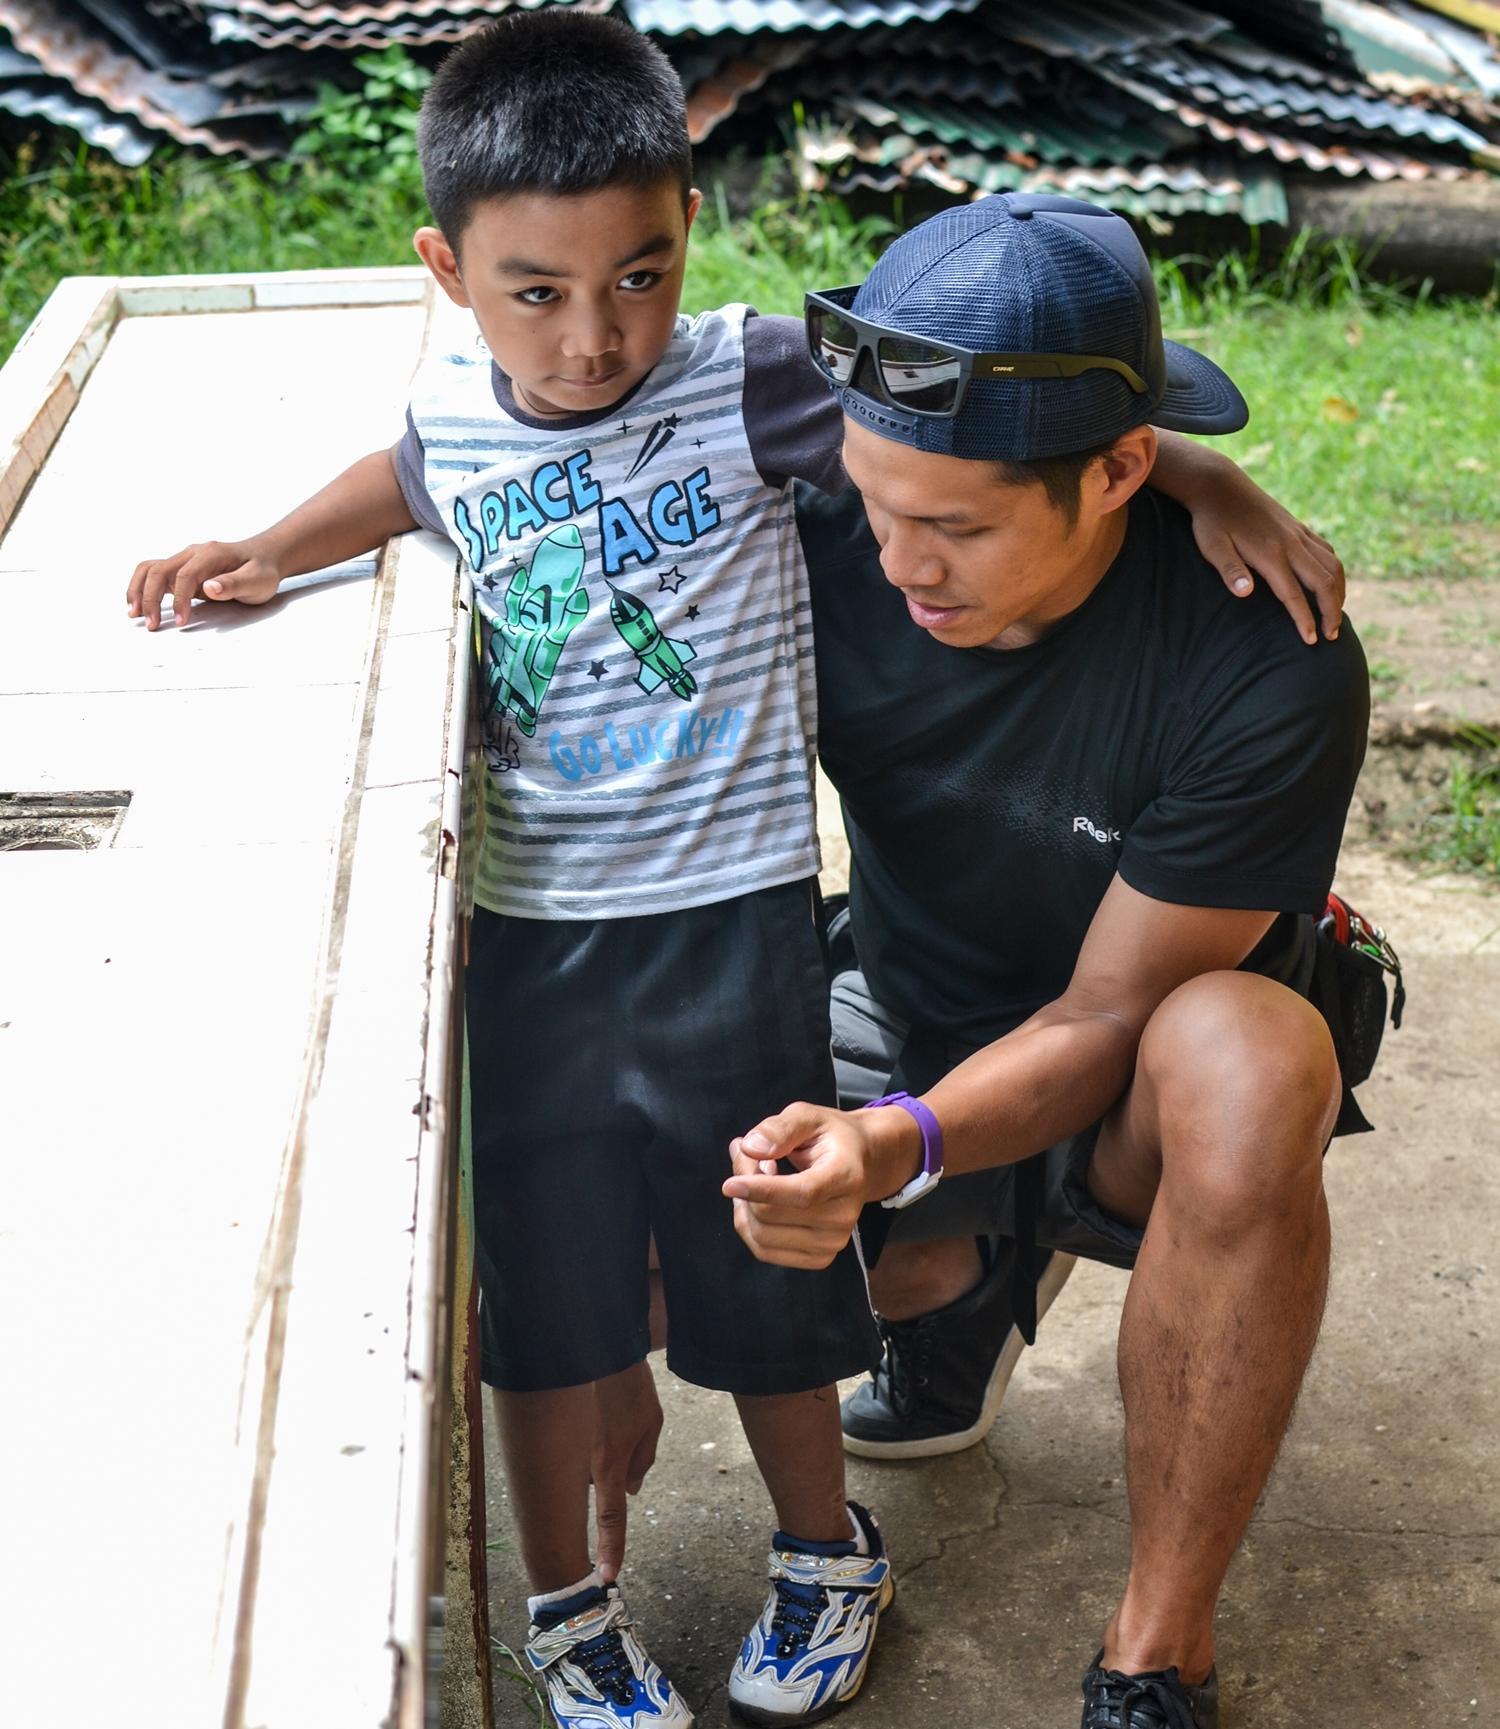 Kijk mee met lokale fysiotherapeuten in de Filippijnen tijdens de fysiotherapie groepsreis voor jongeren.